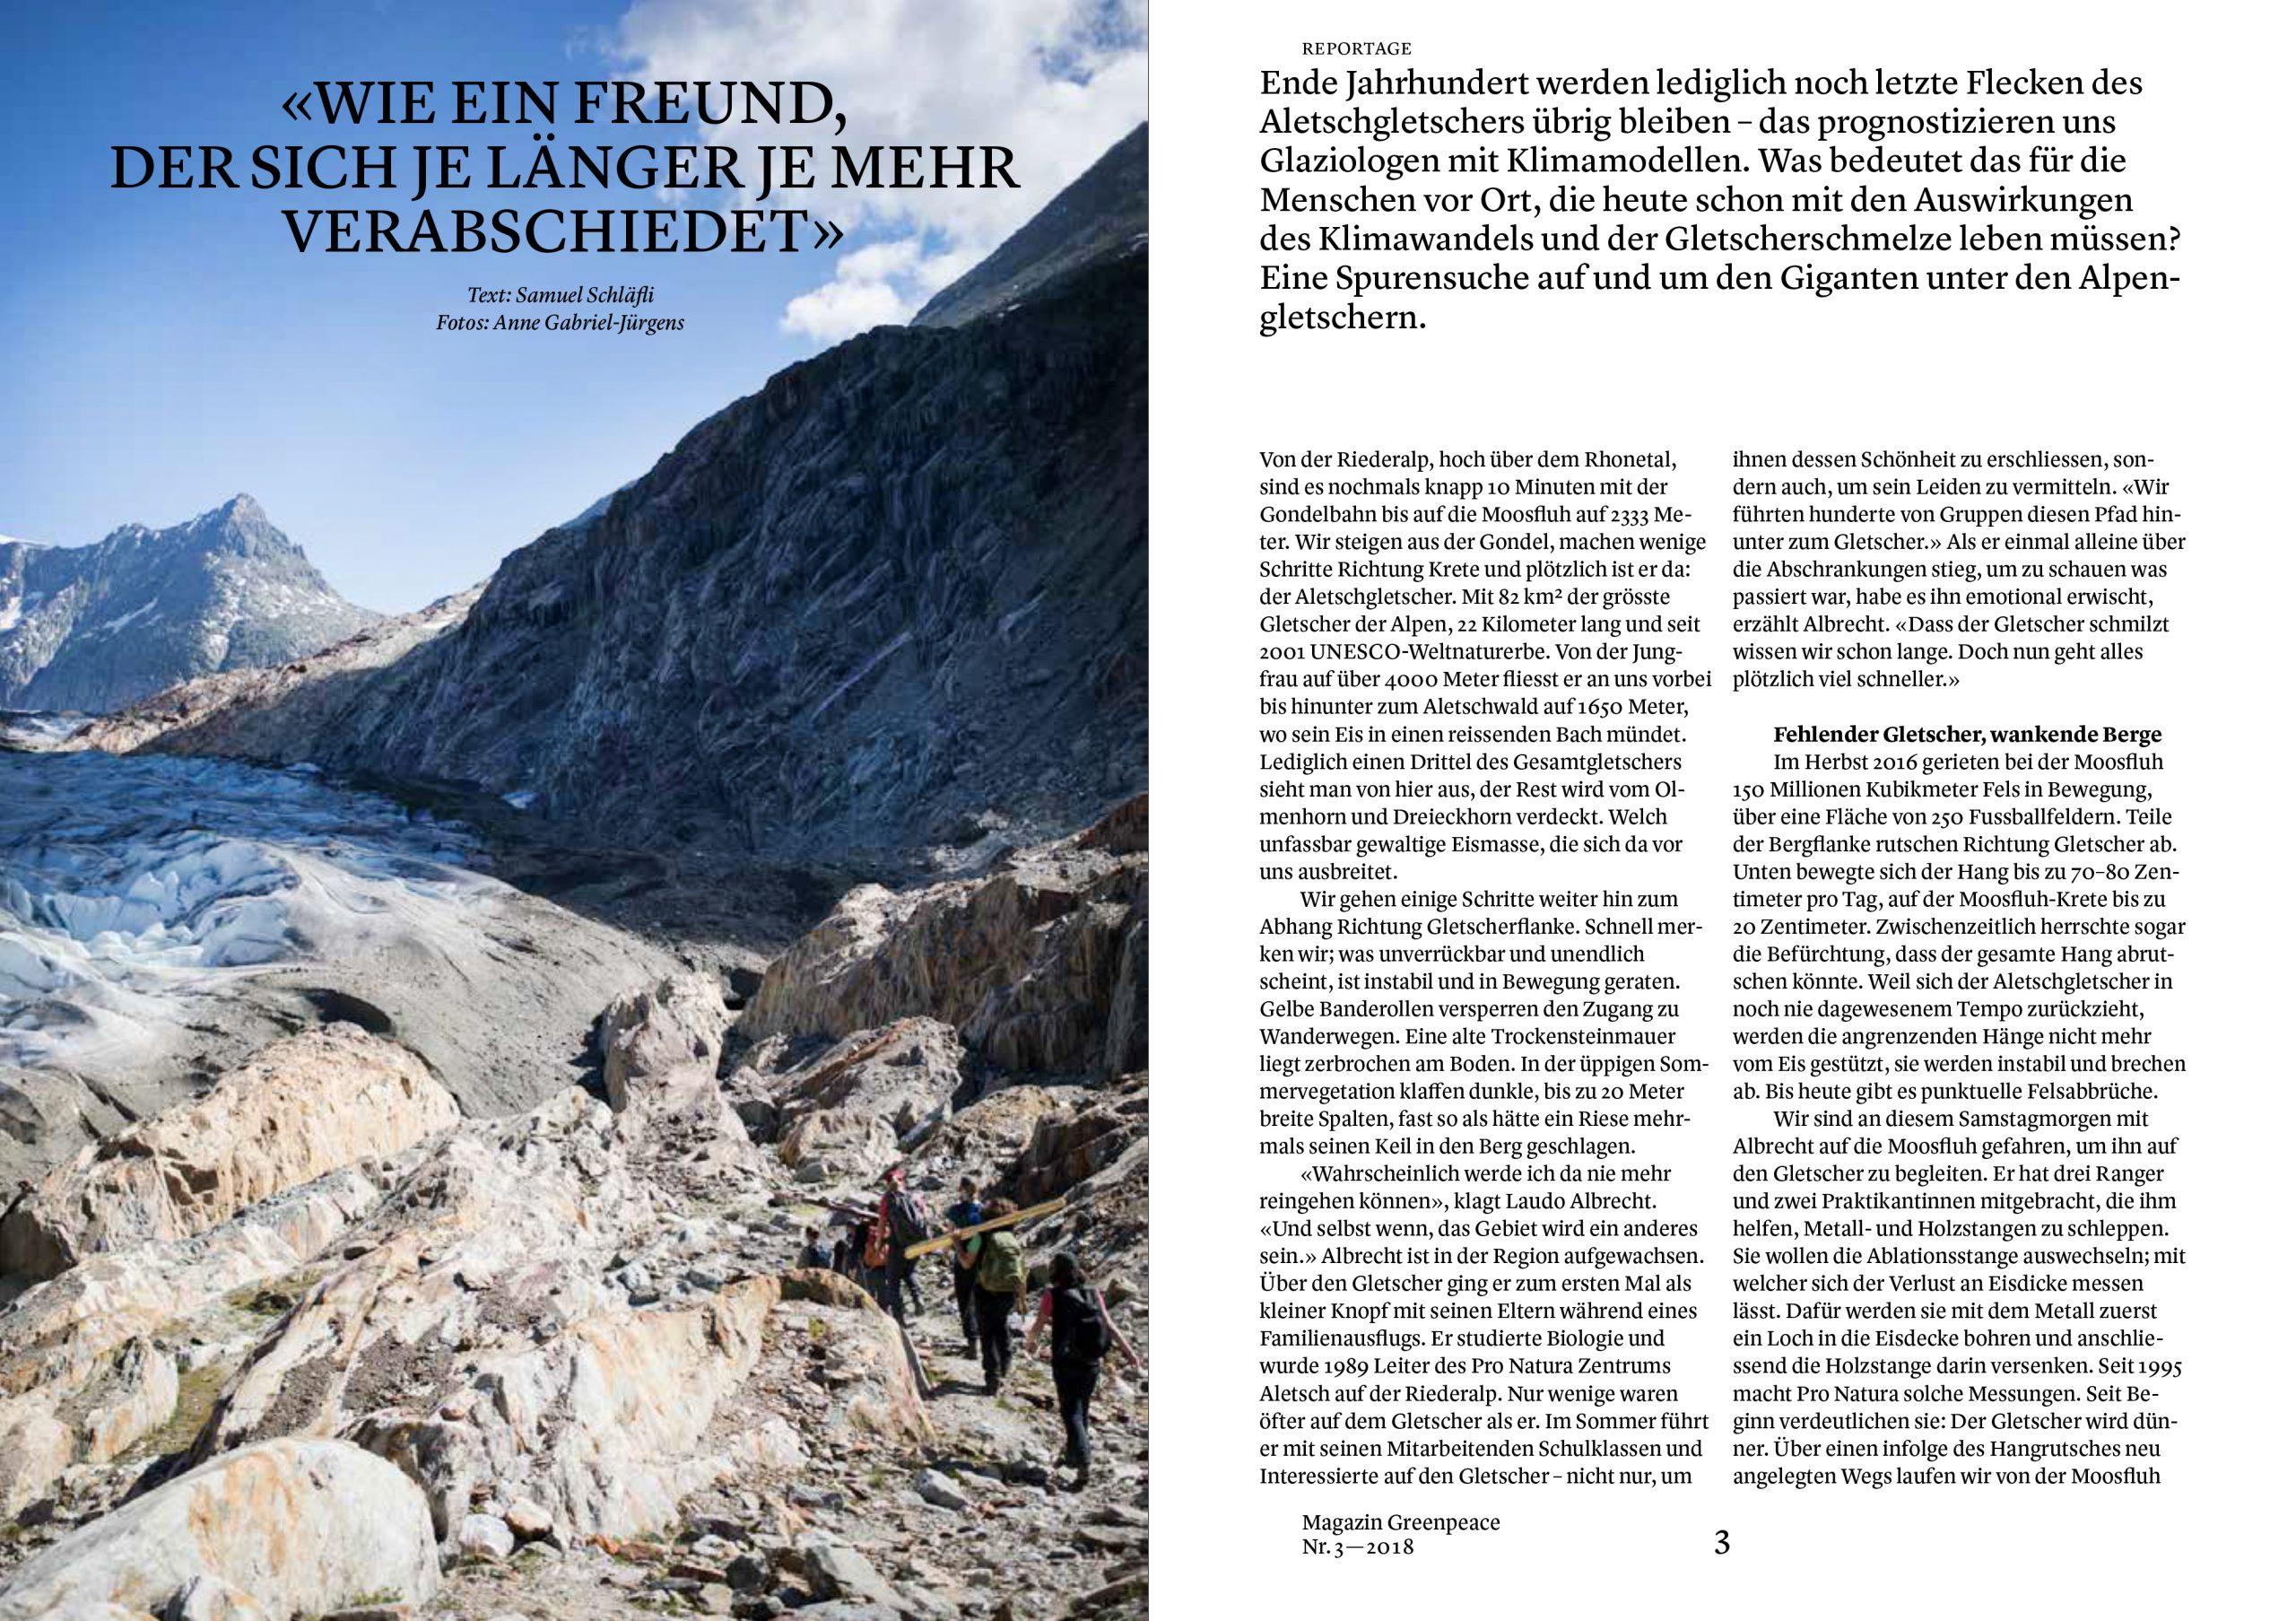 018_04_Greenpeace Magazin_Aletschgletscher